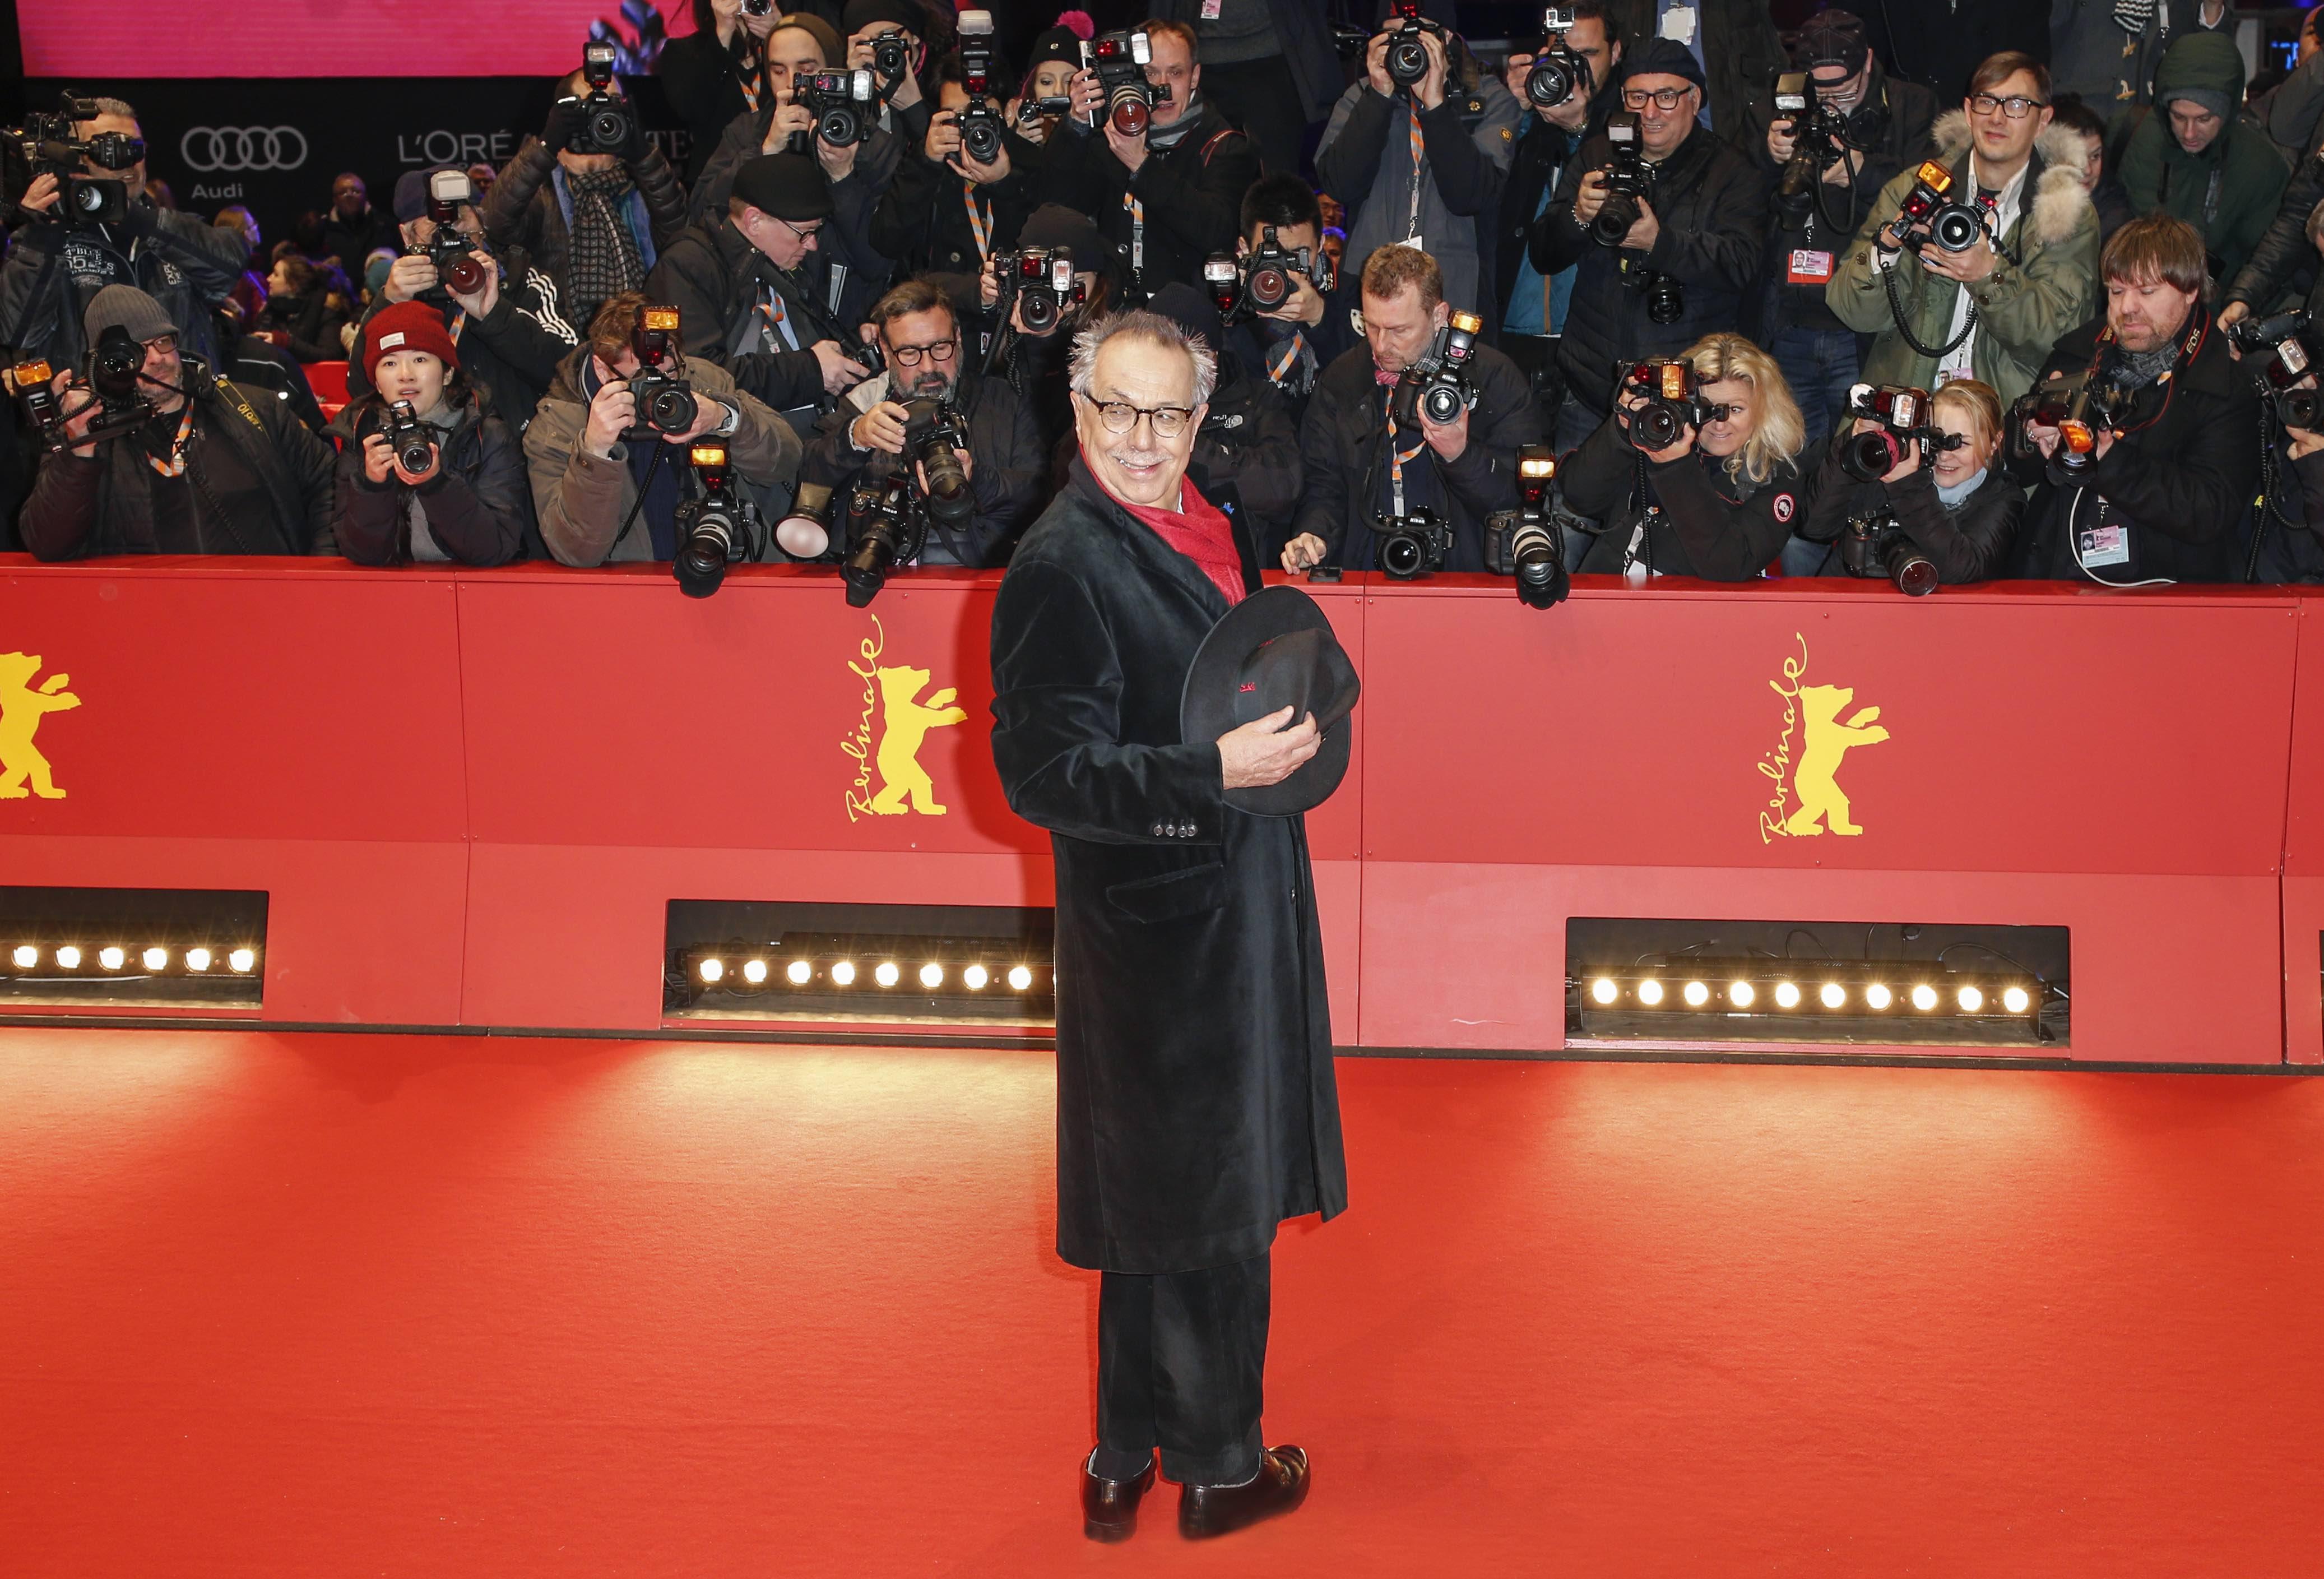 Nicht zu haben ohne Hut und (kruden) Humor: Berlinale-Chef Dieter Kosslick